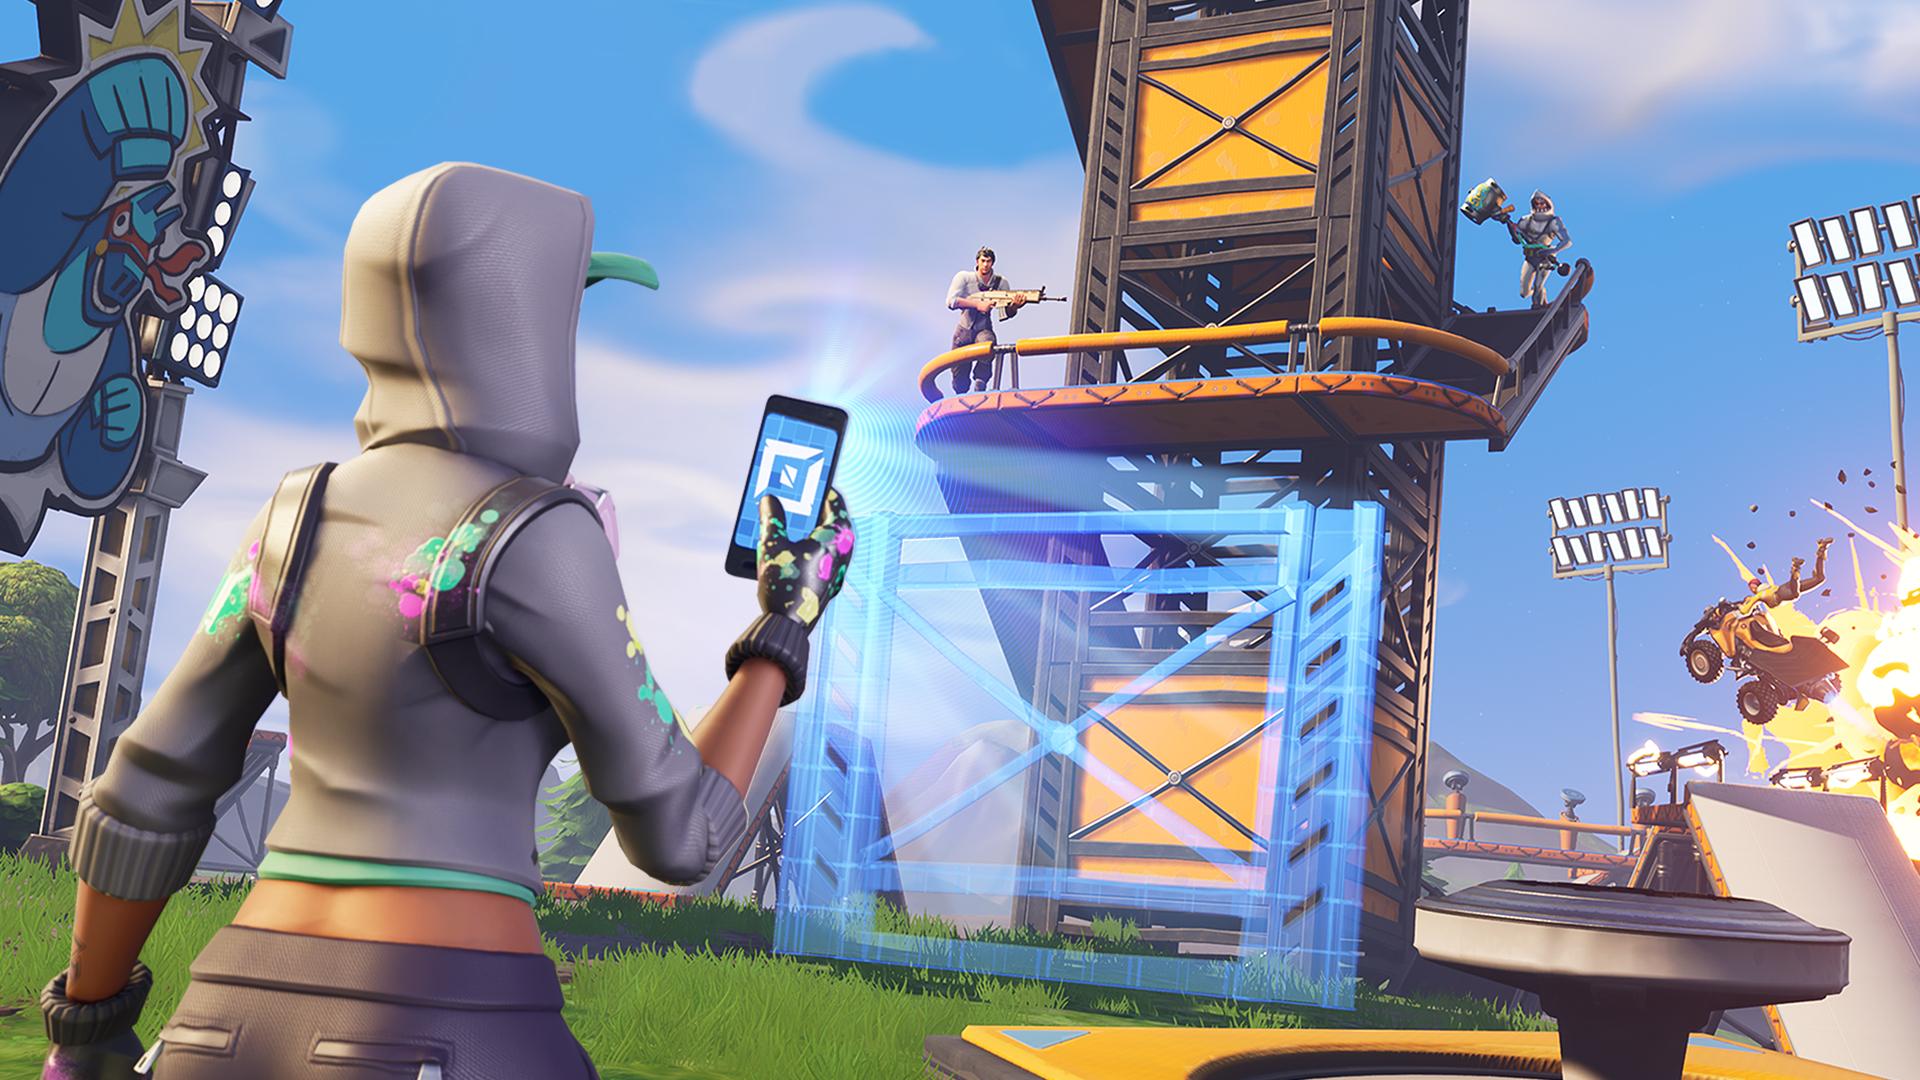 """Fortnite : Epic Games veut aller plus loin que le simple jeu, un """"Métavers"""" ? 1"""